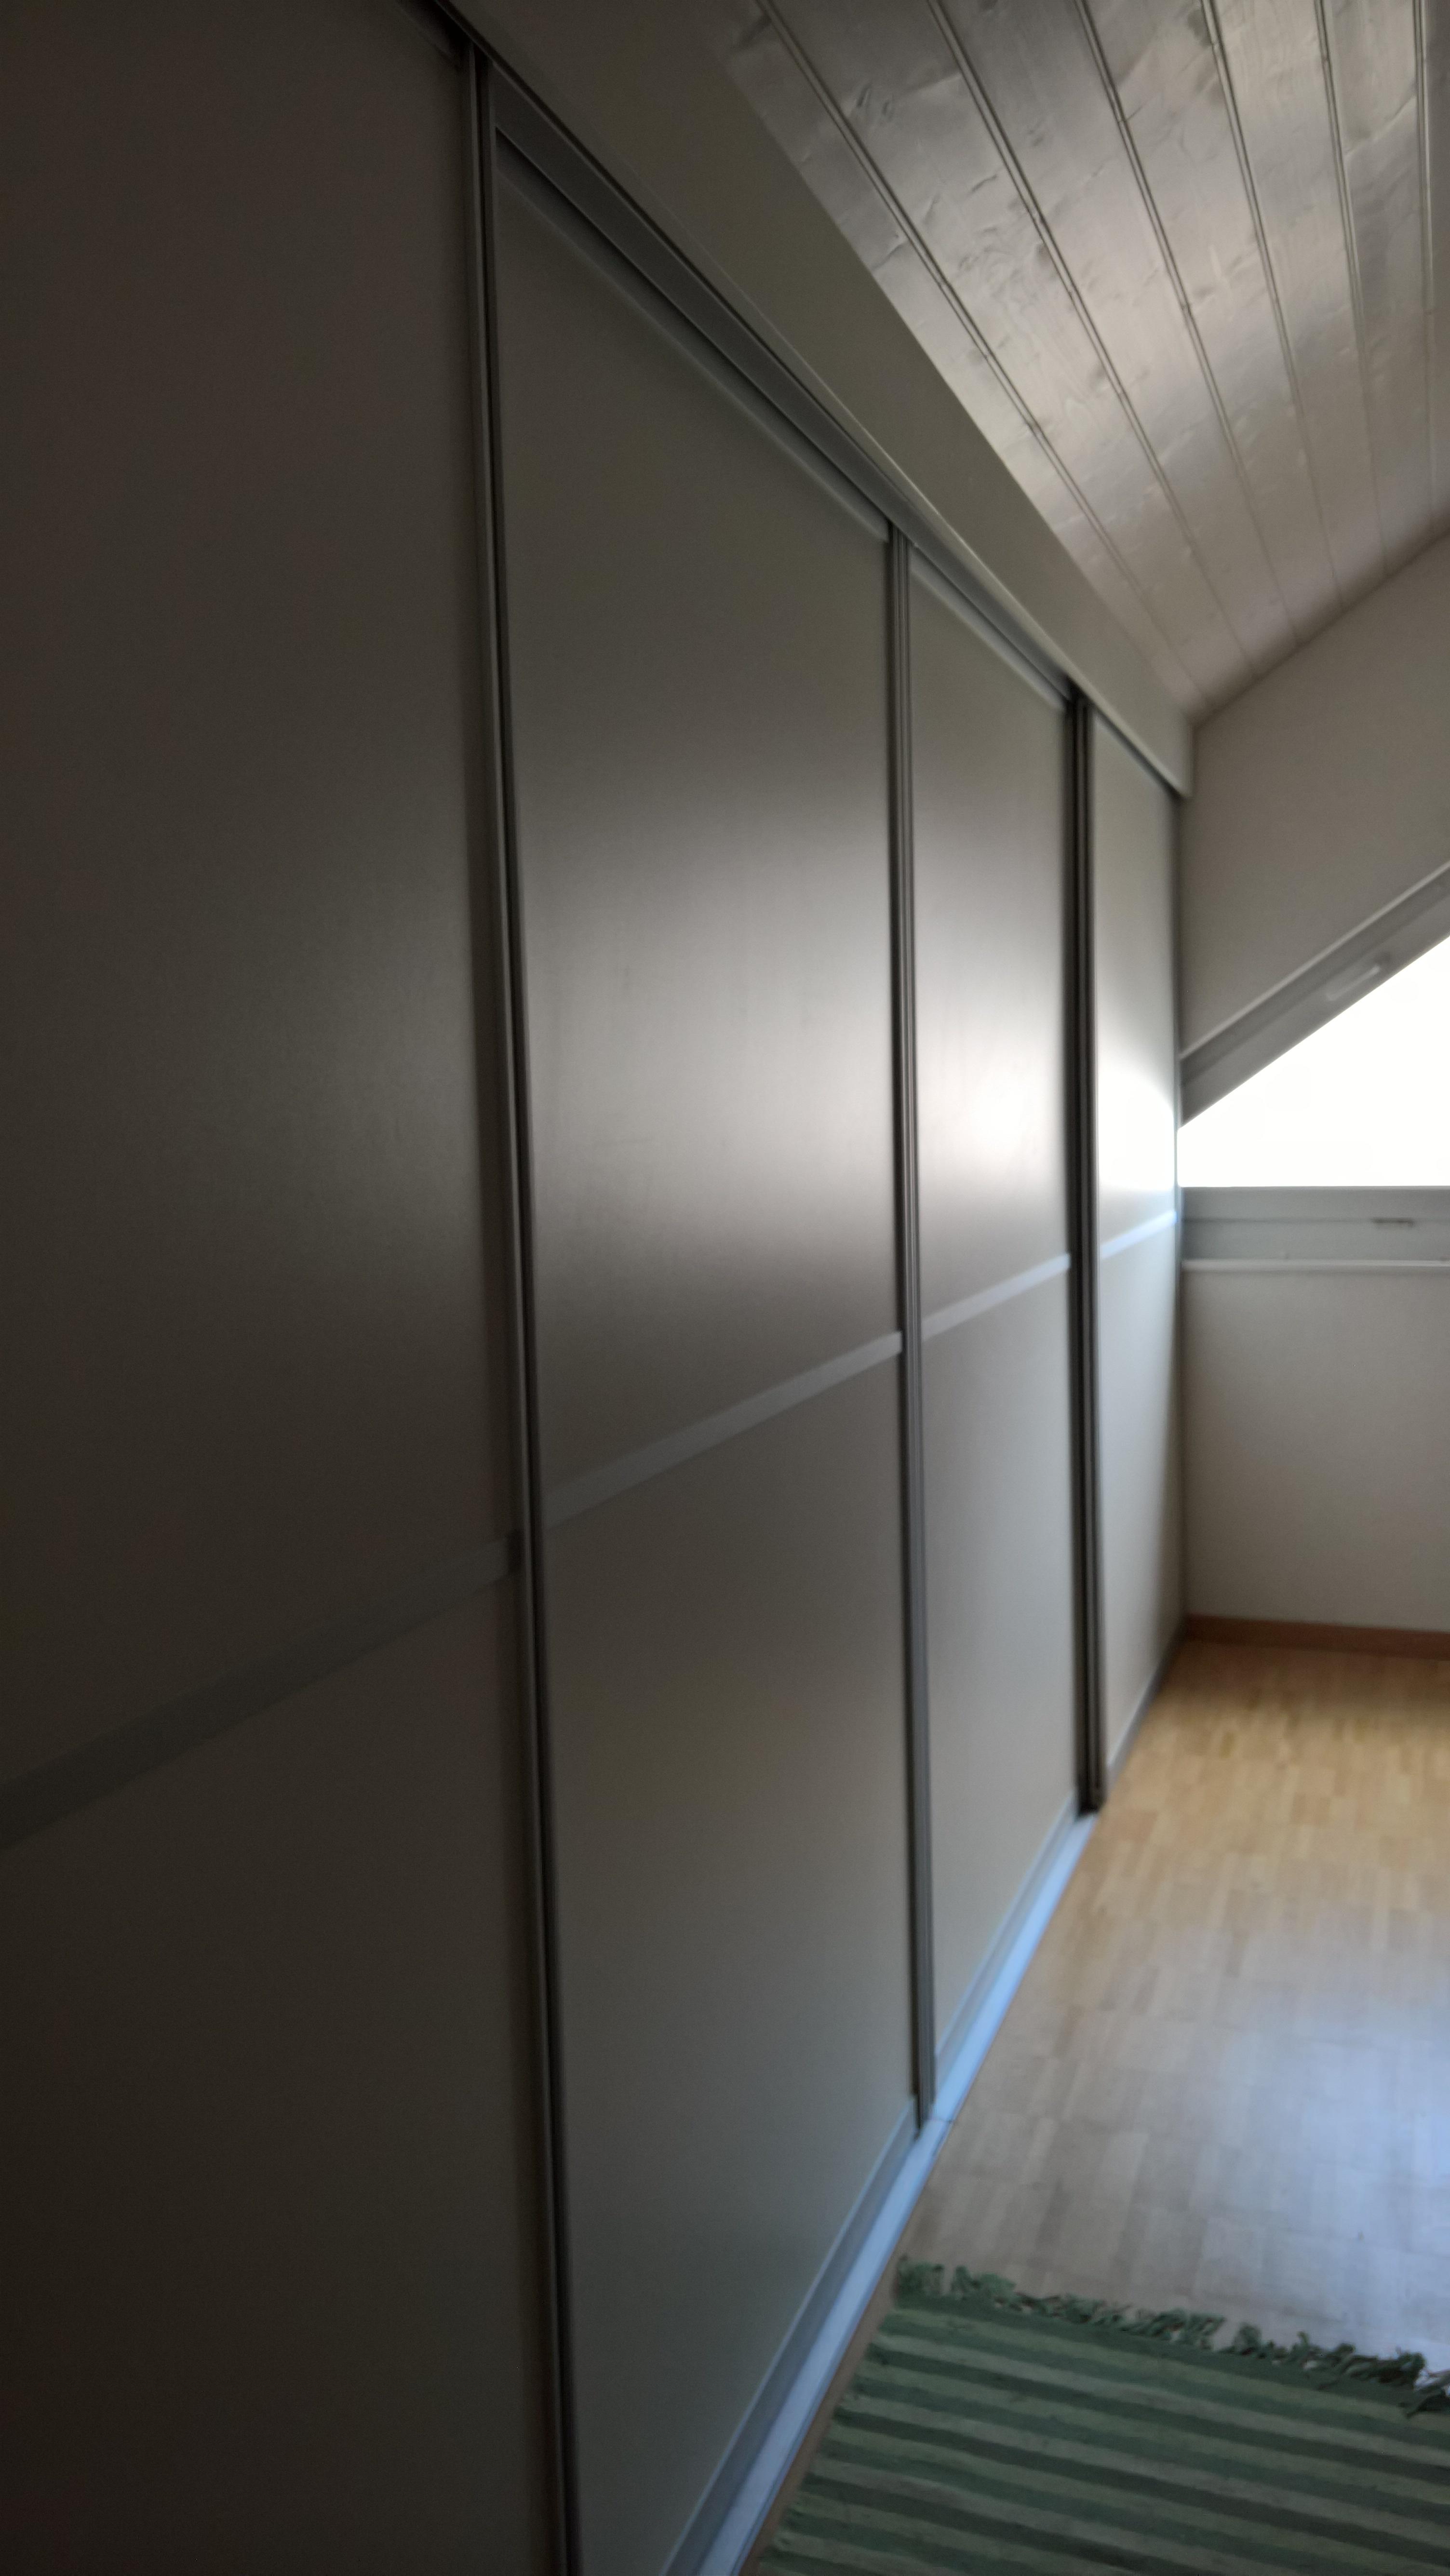 einbauschr nke handwerk vom feinsten. Black Bedroom Furniture Sets. Home Design Ideas